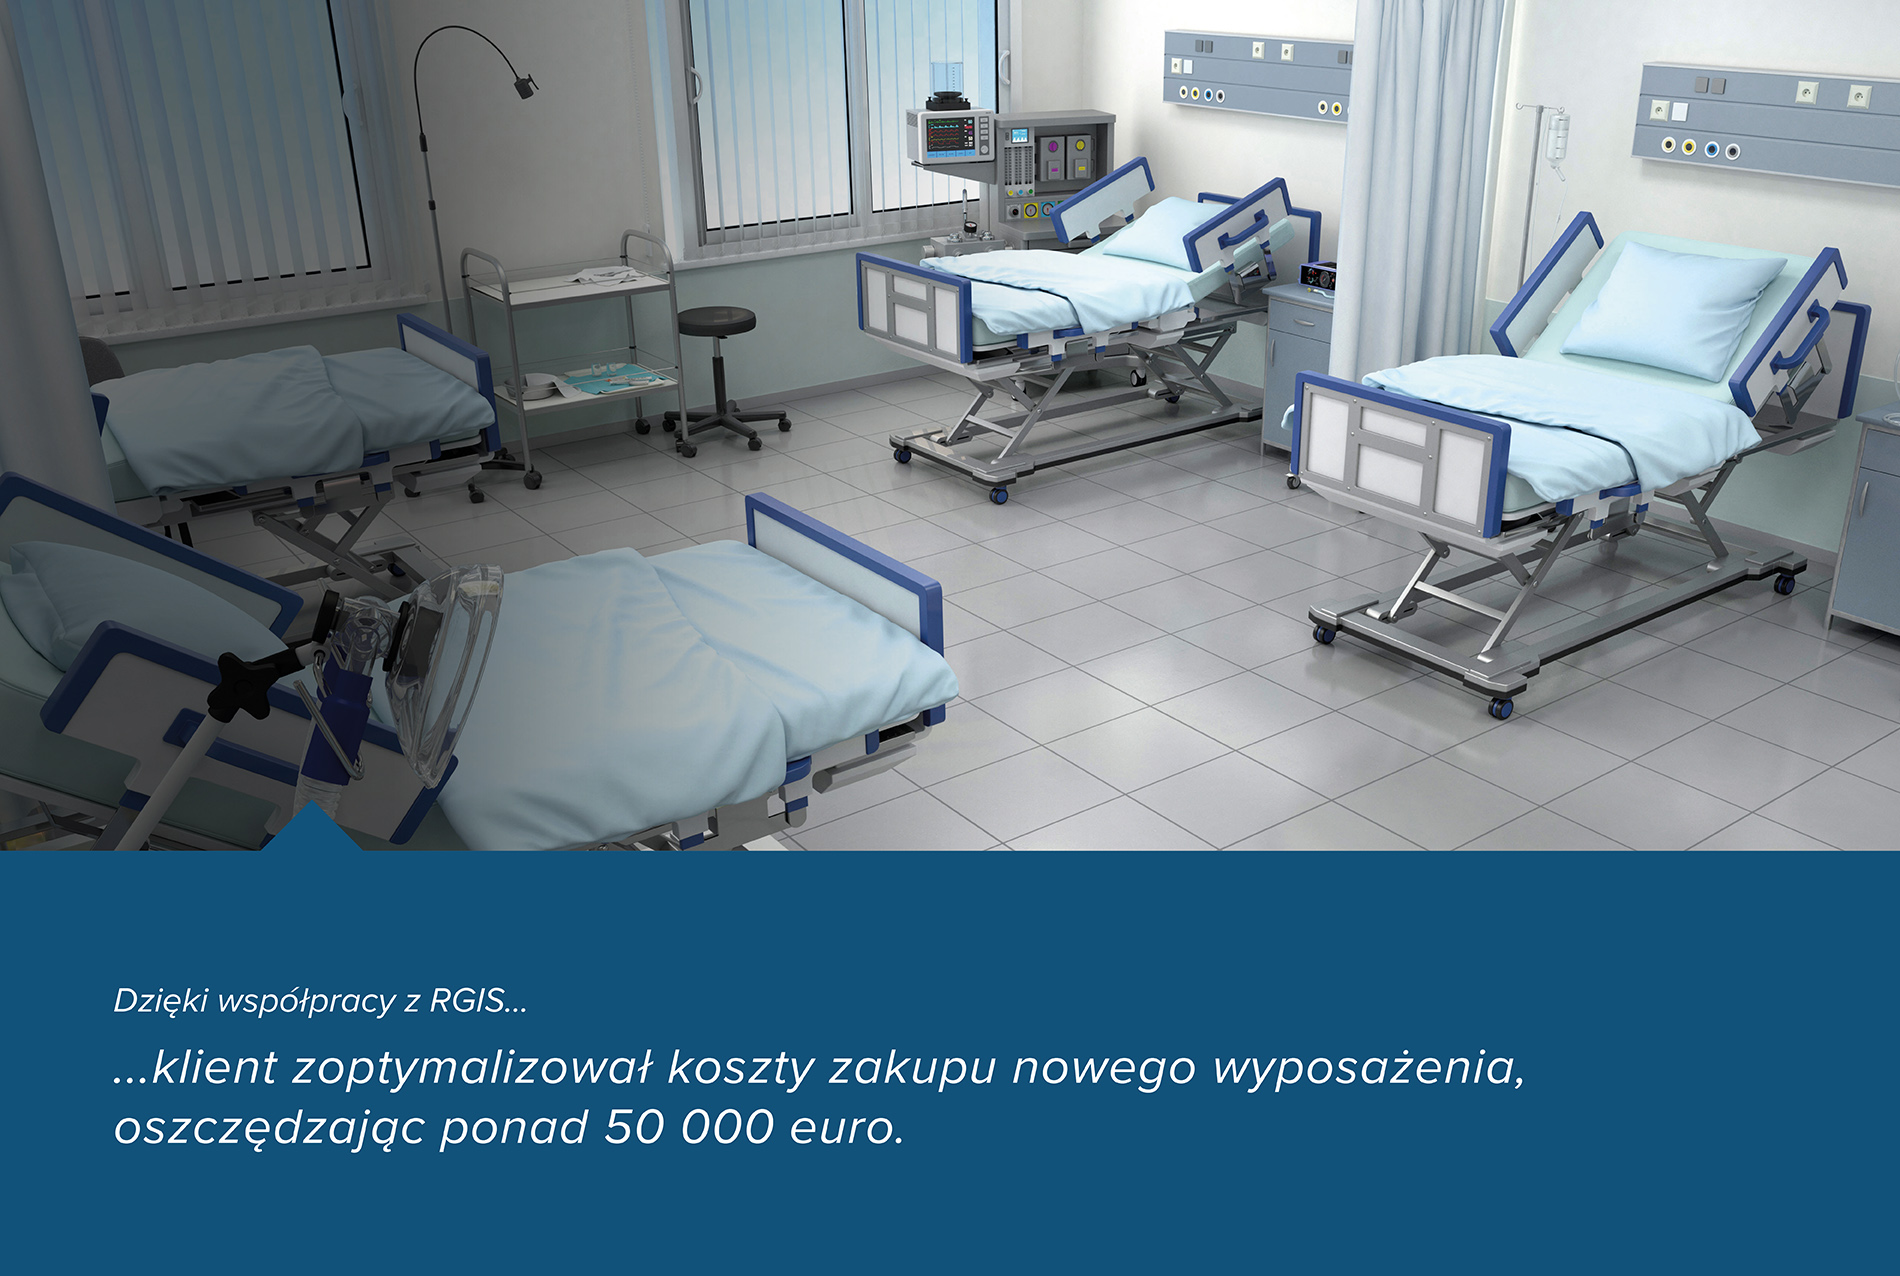 Oznaczanie i weryfikacja majątku w szpitalach